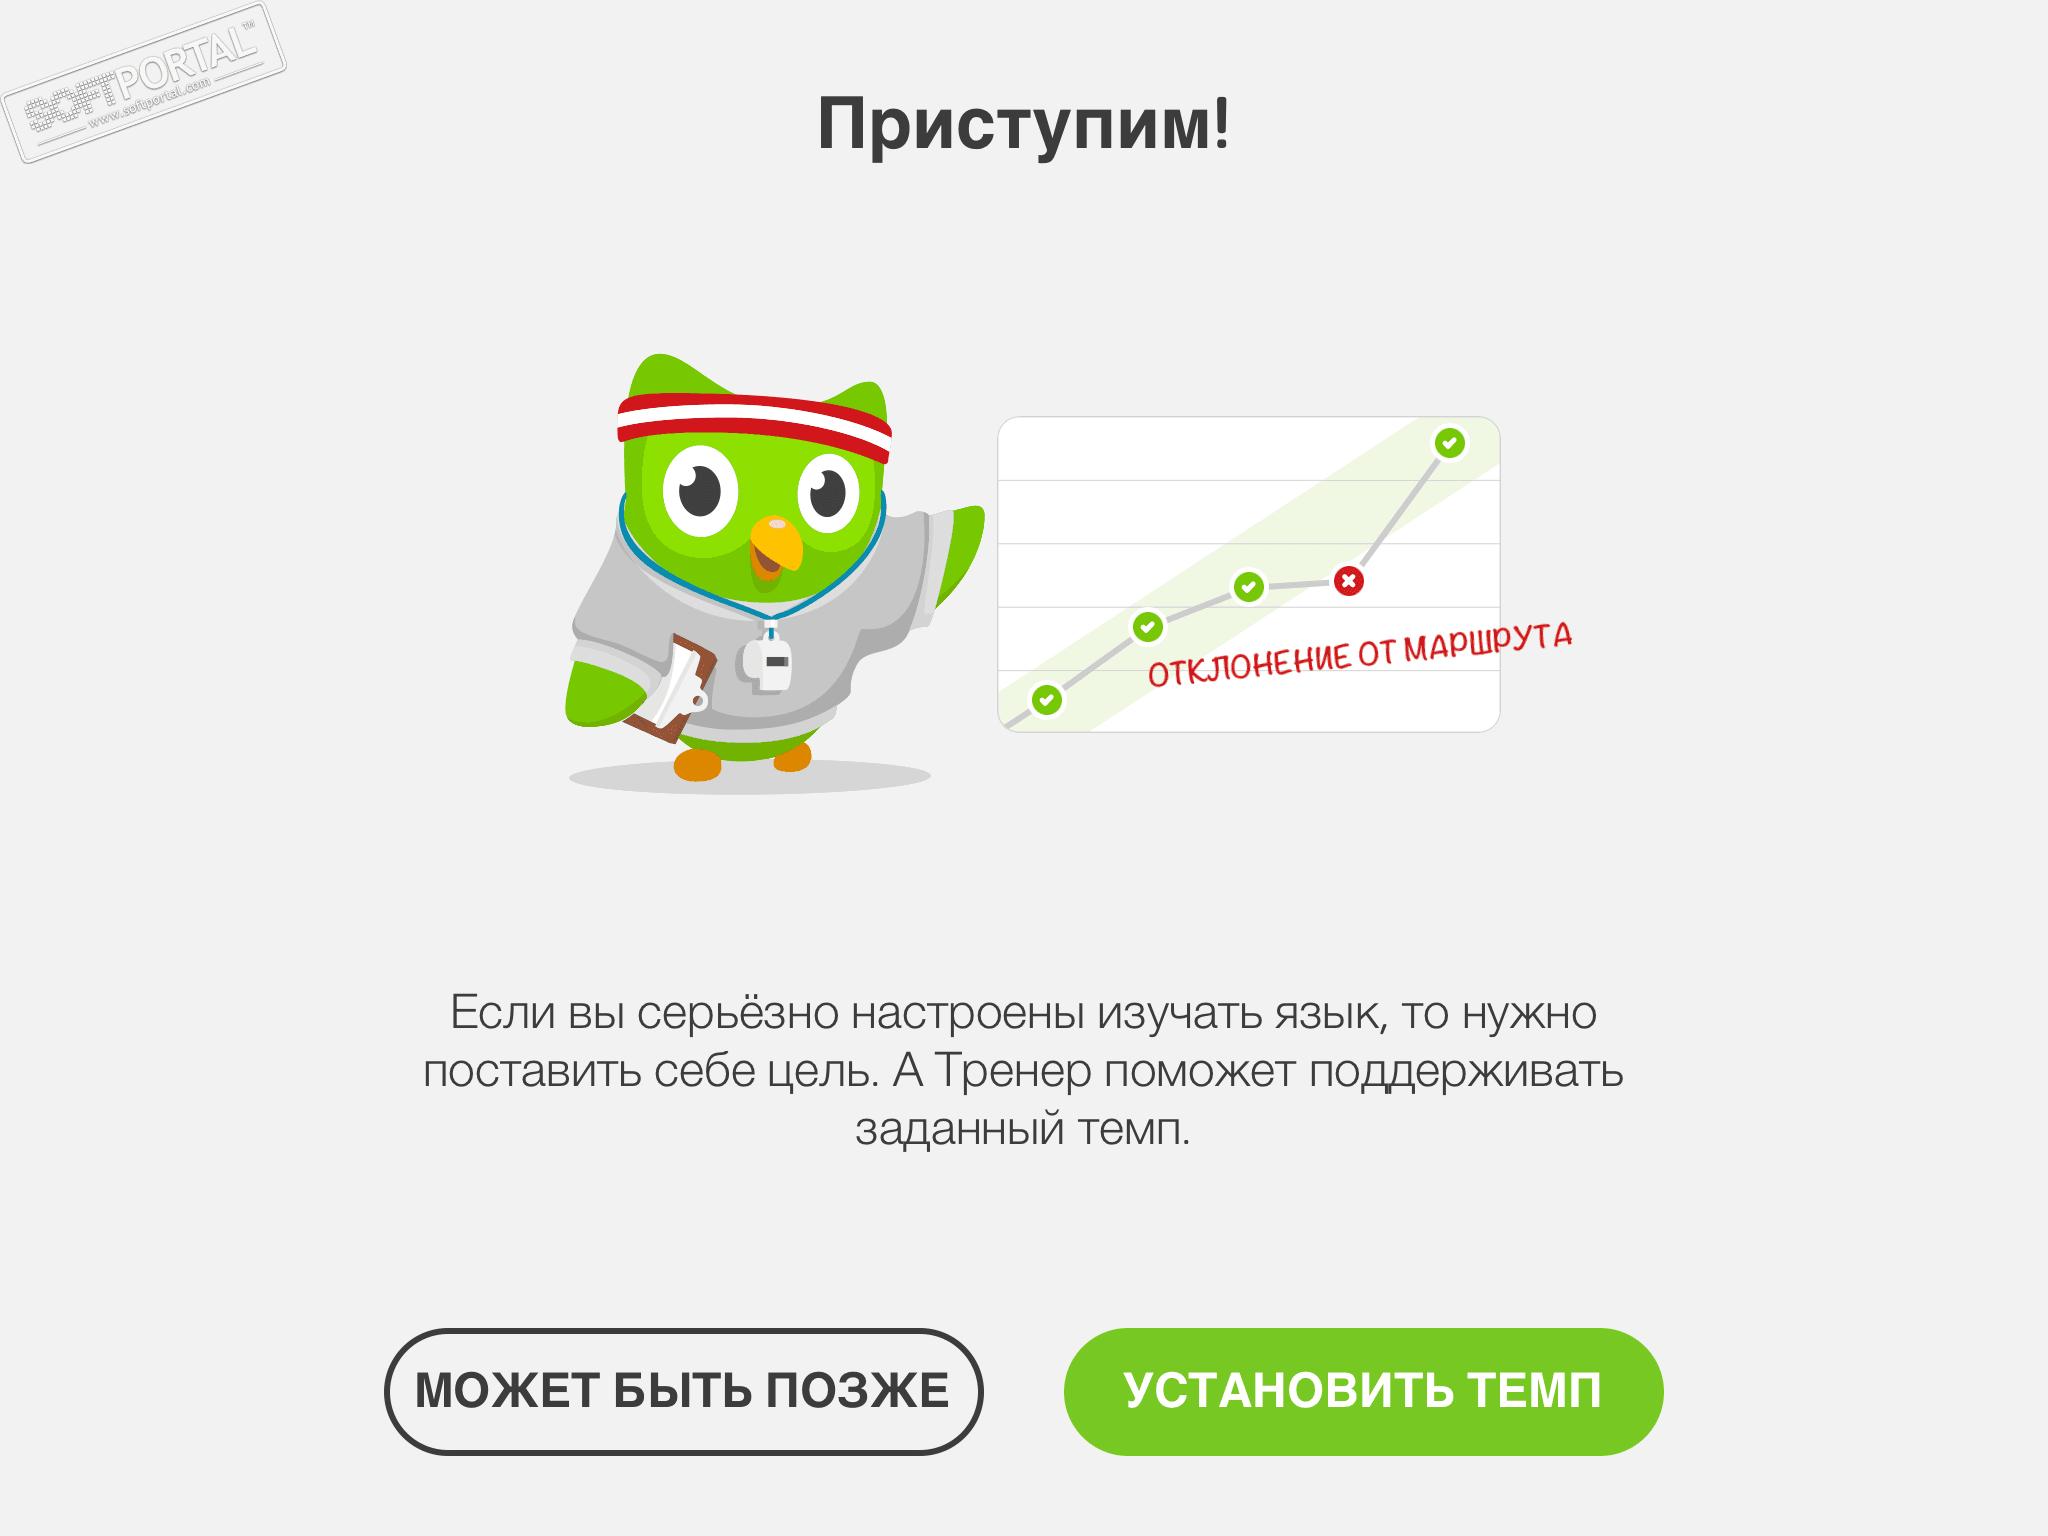 В Duolingo можно поставить цель по изучению языка